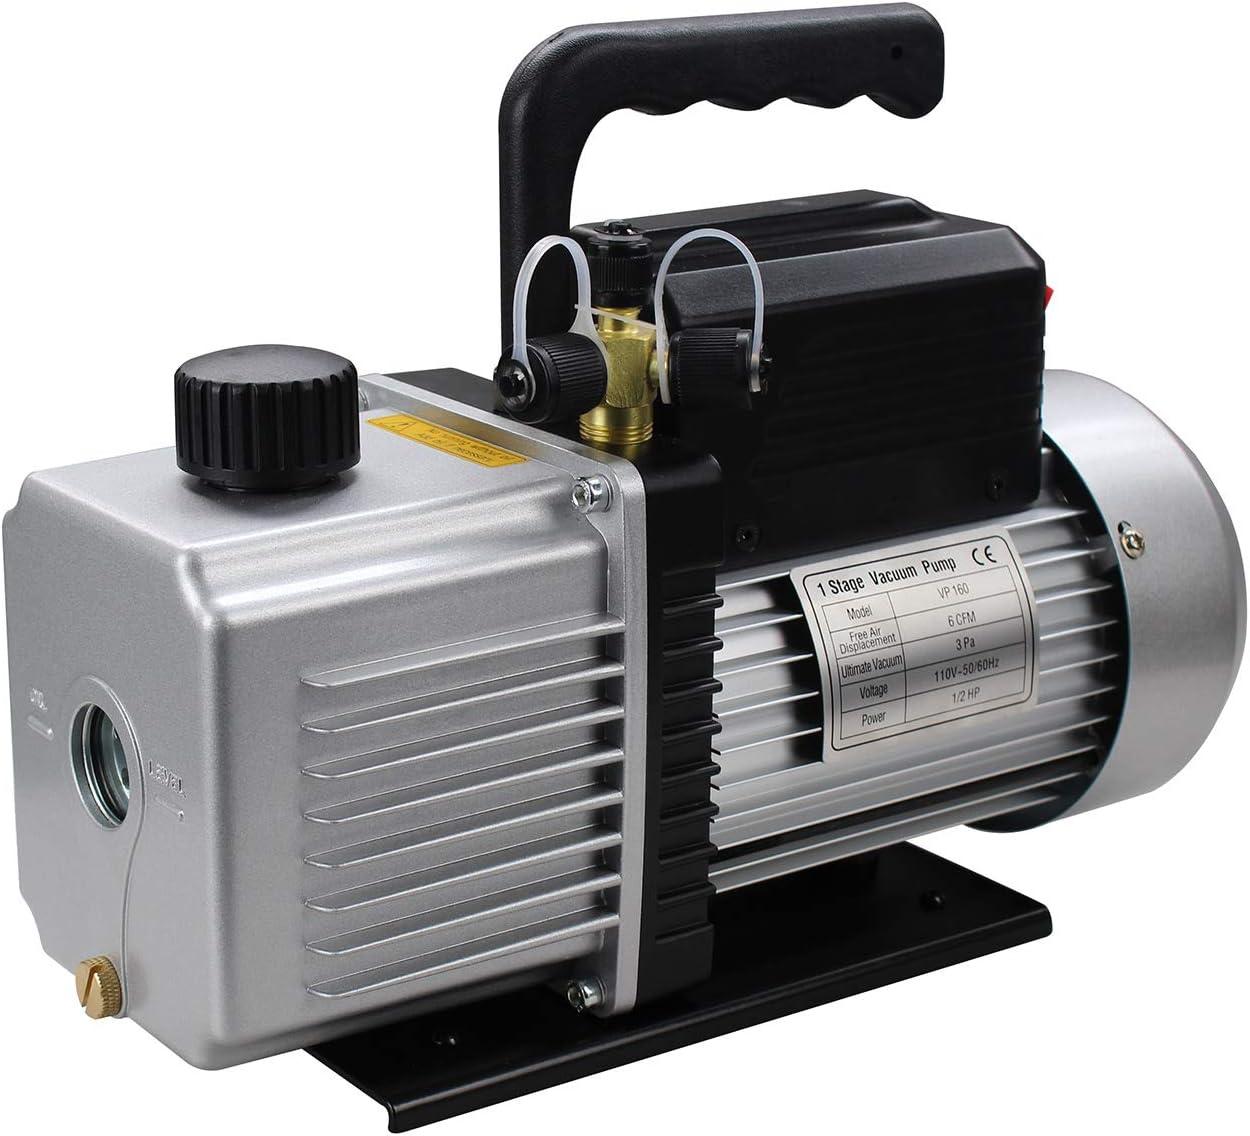 OEMTOOLS 24642 6 CFM Spark-Free Vacuum Pump